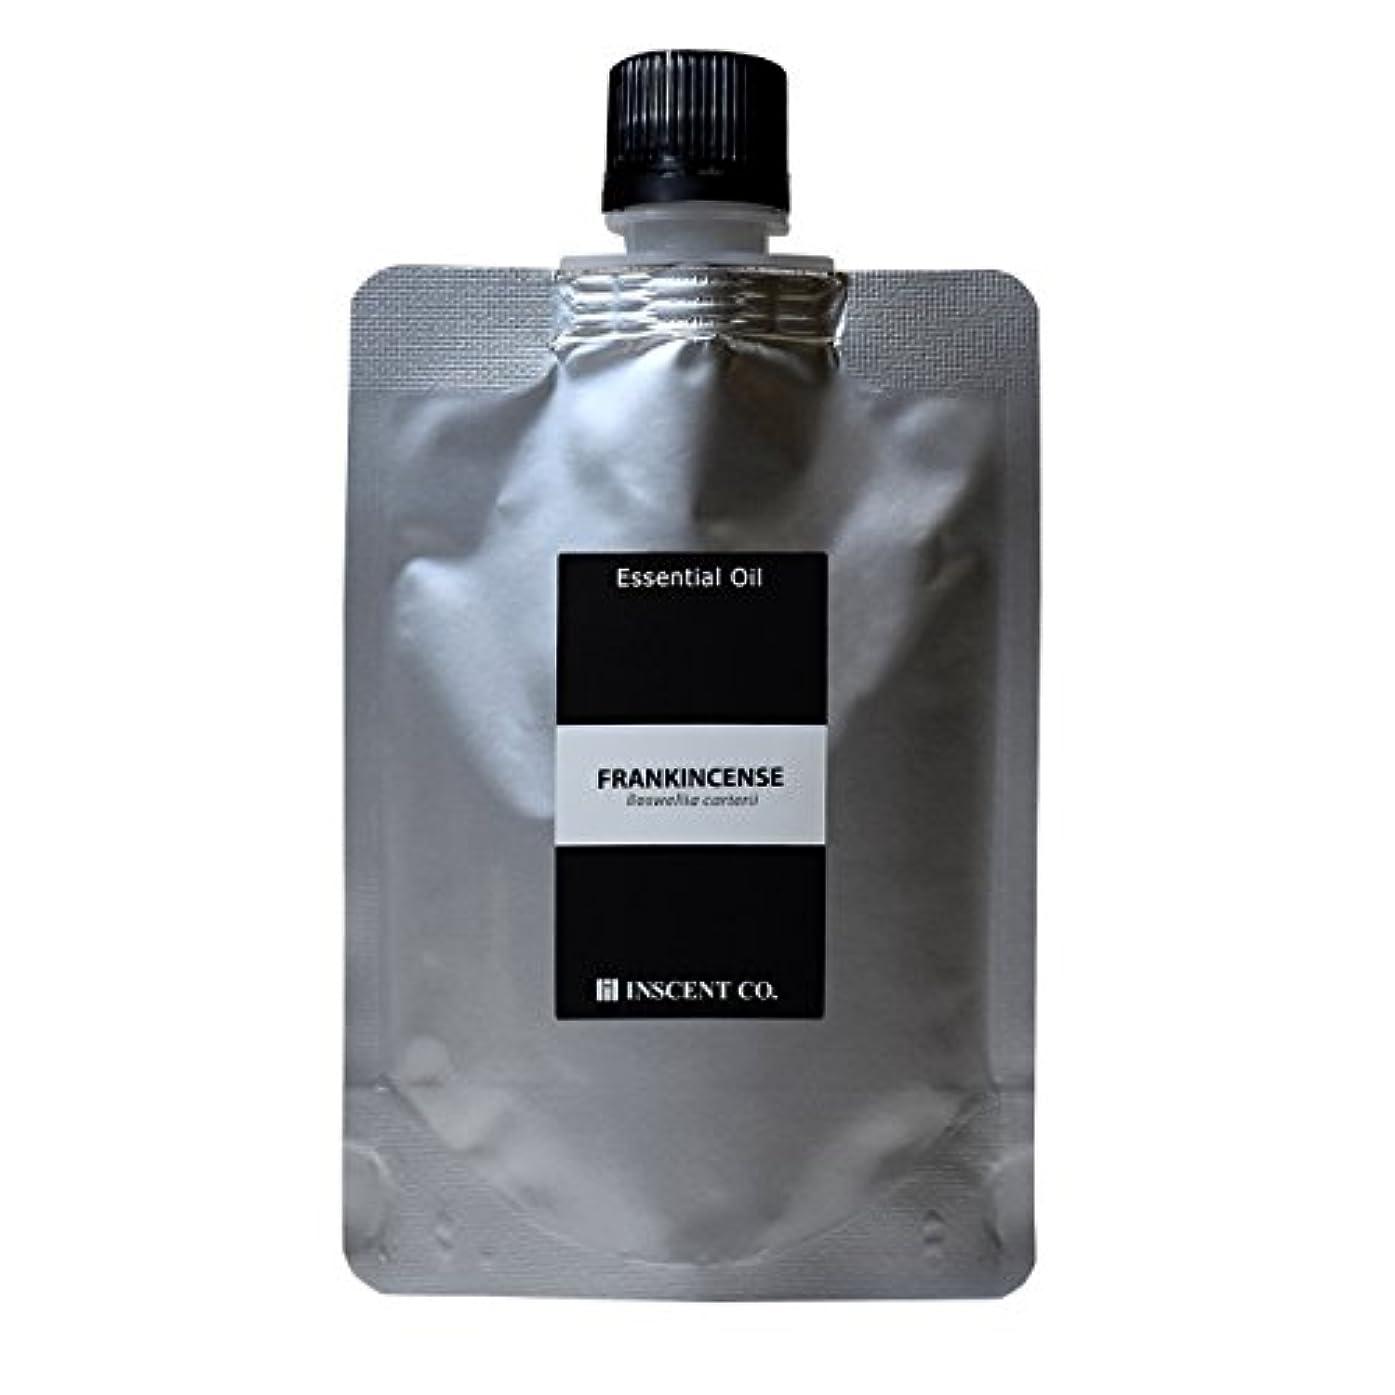 ペルードライつば(詰替用 アルミパック) フランキンセンス (オリバナム/乳香) 100ml インセント アロマオイル AEAJ 表示基準適合認定精油